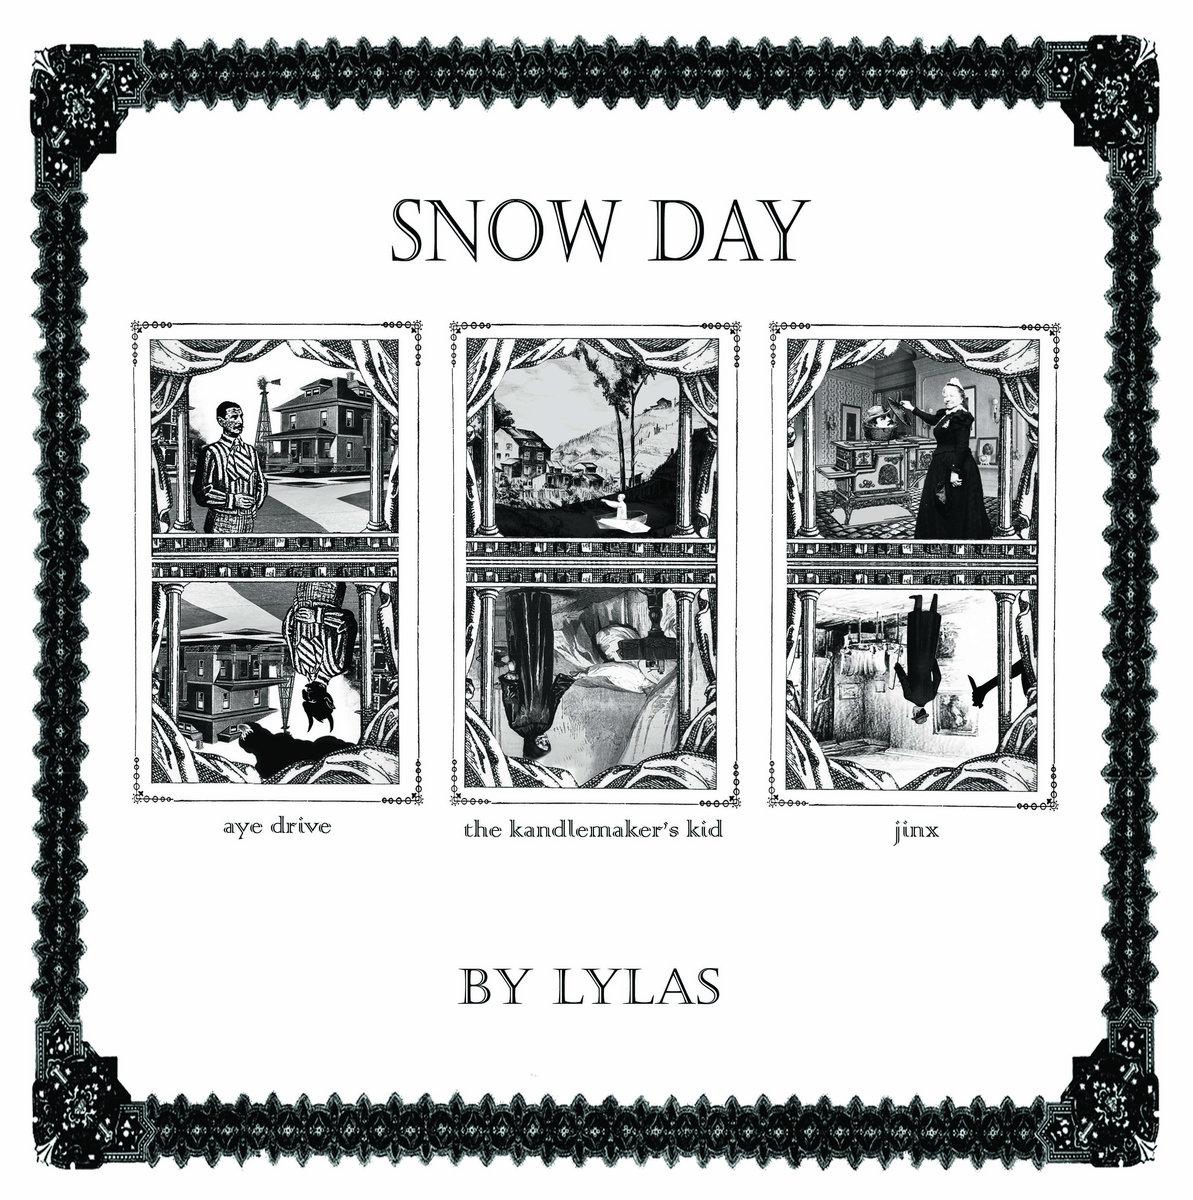 Lylas - Snow Day